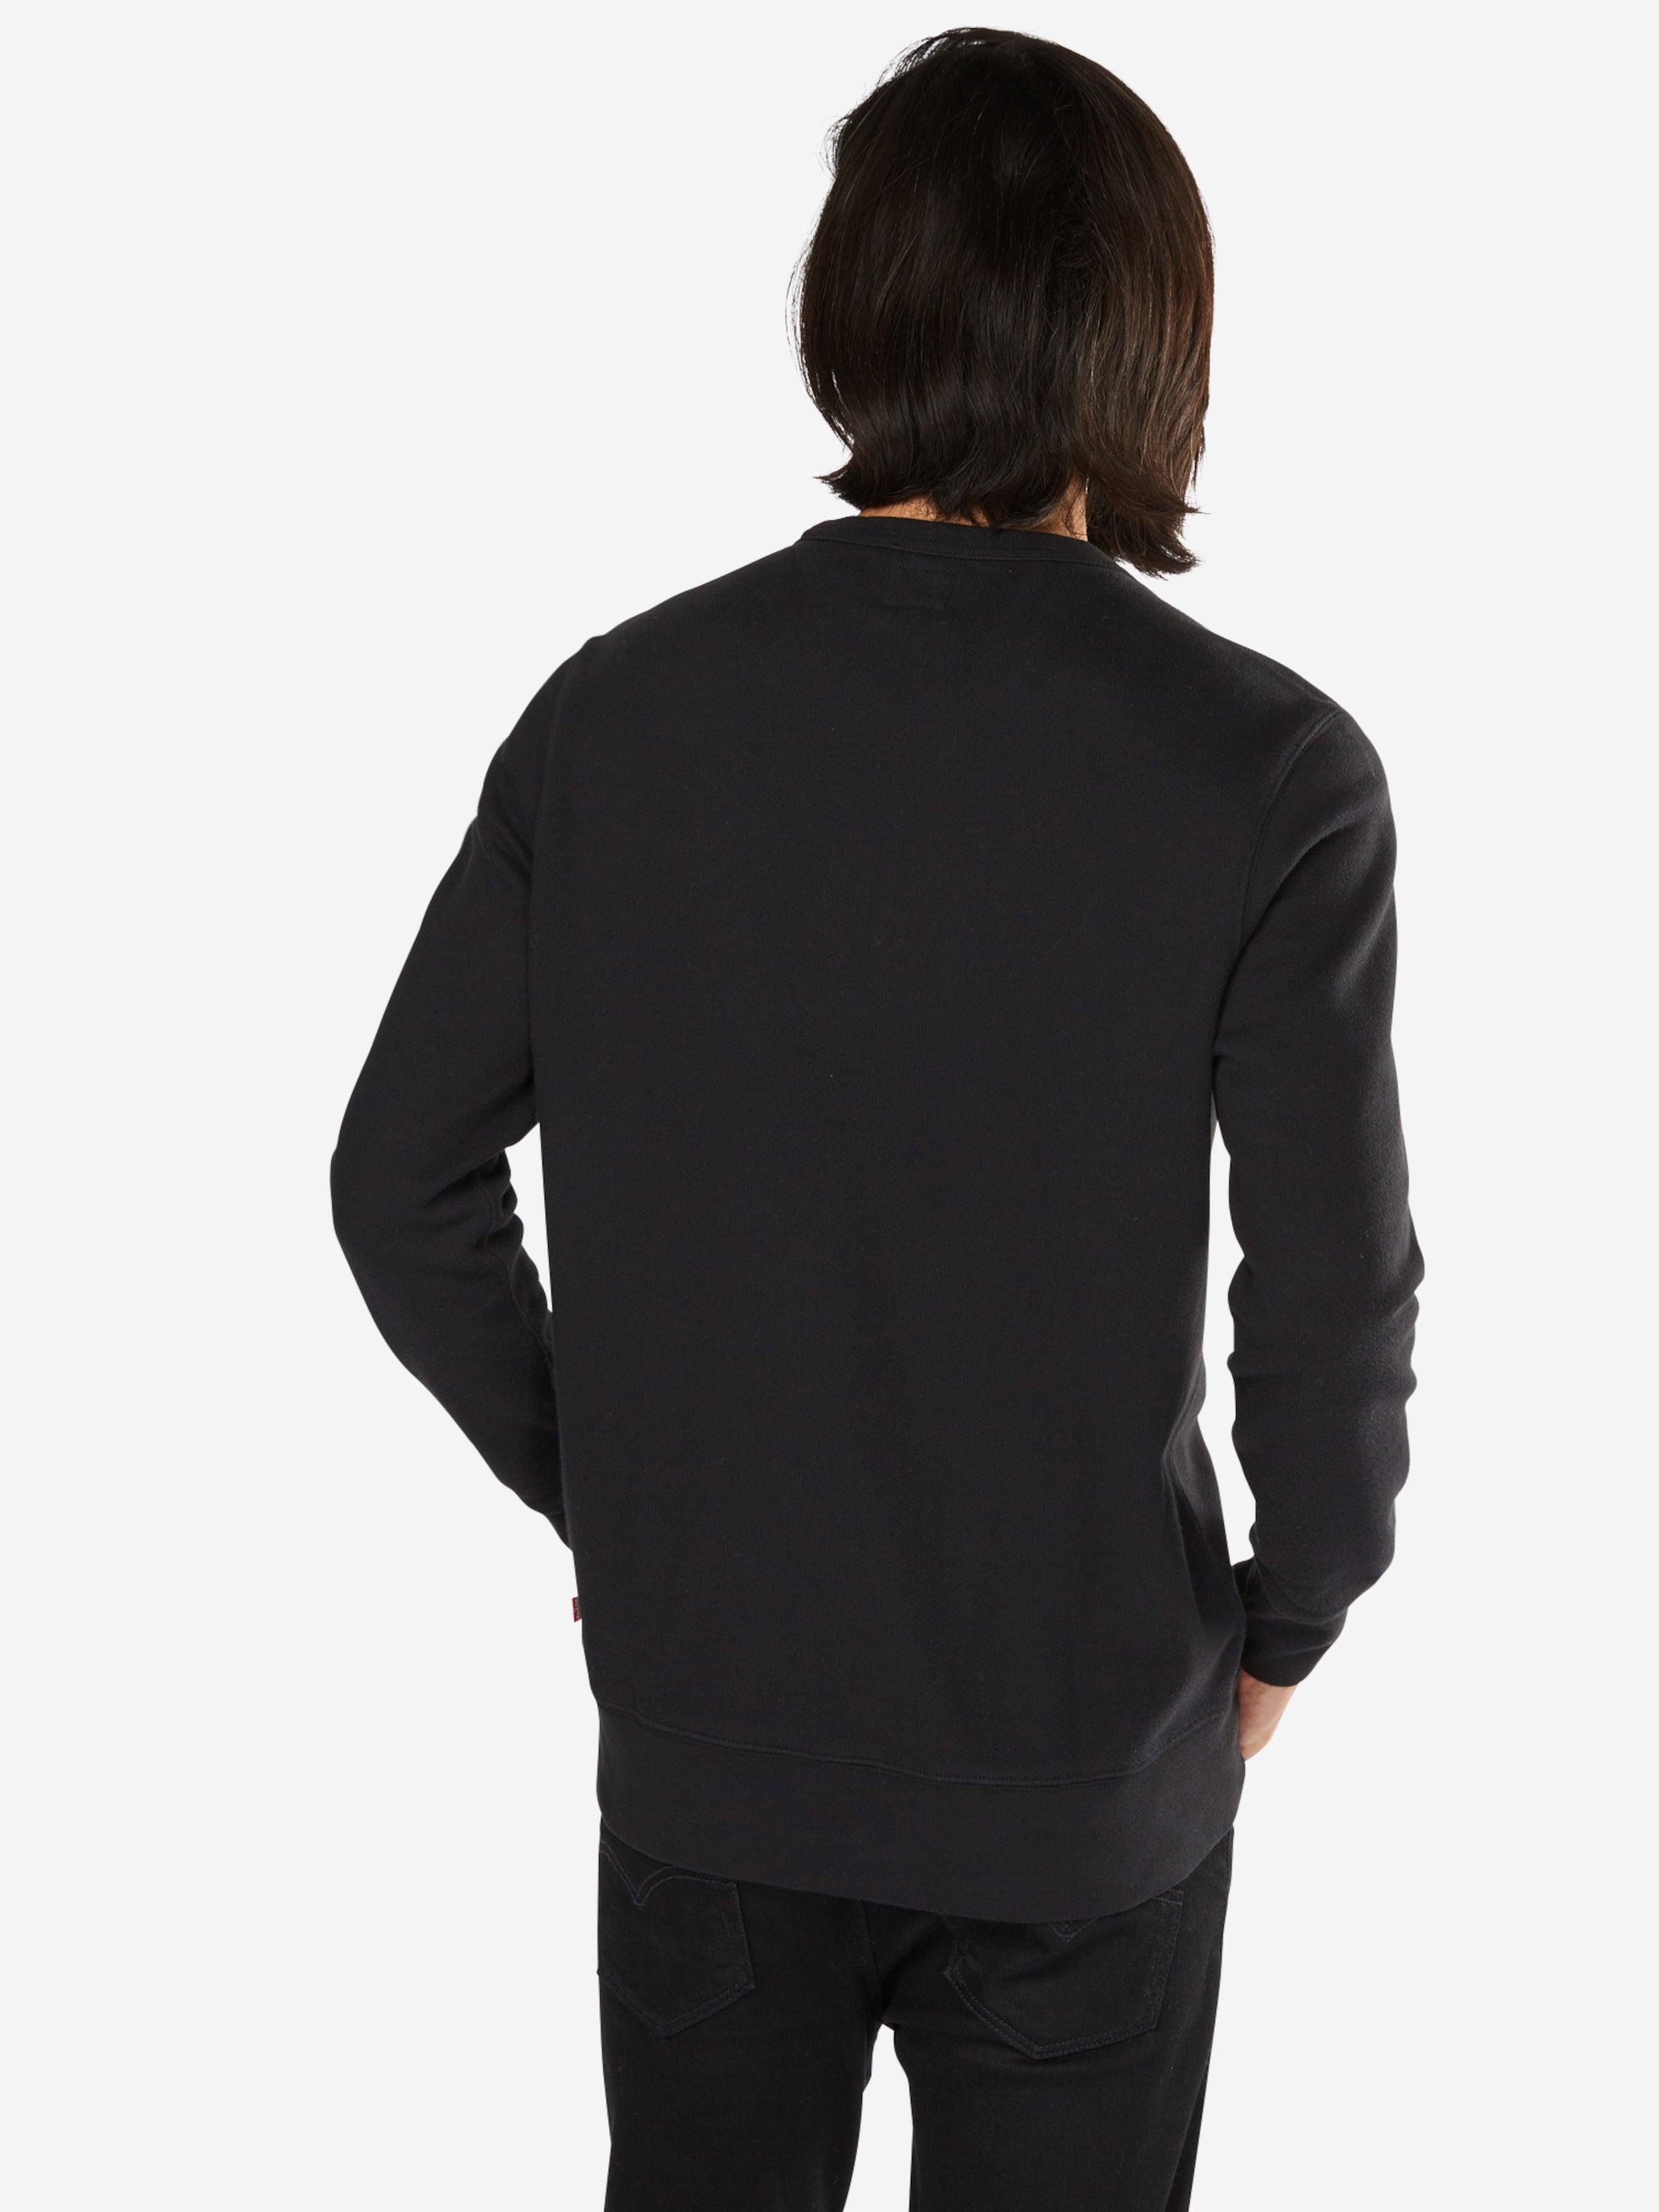 Aus Deutschland LEVI'S Sweatshirt 'GRAPHIC CREW B' Spielraum Erhalten Zu Kaufen jib7ycu